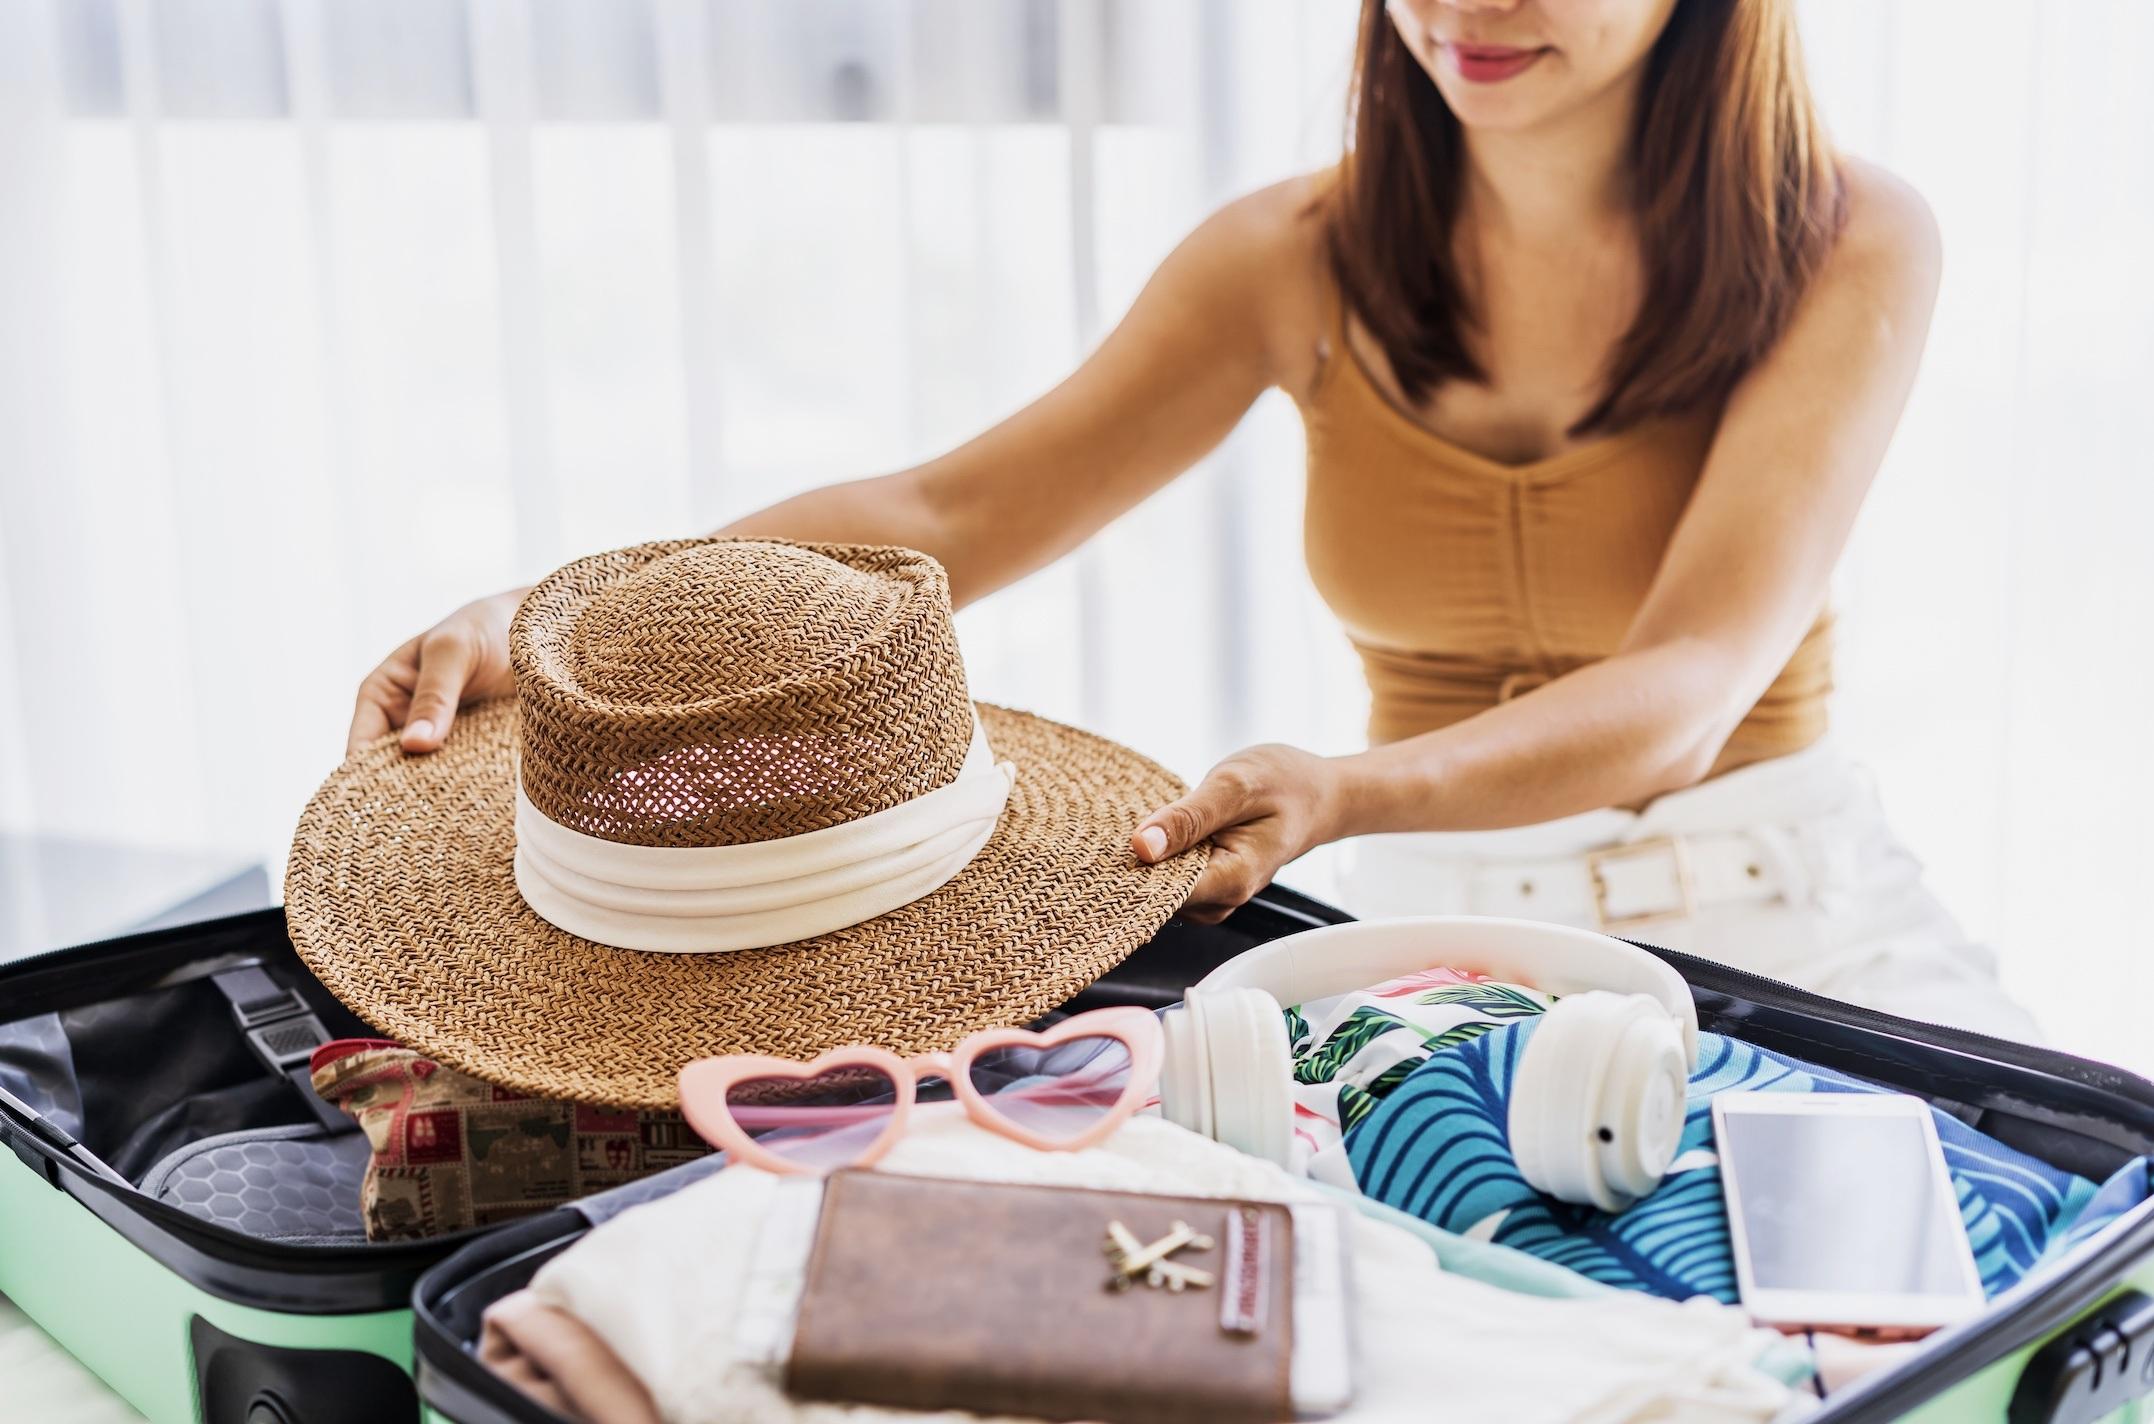 πως να οργανώσεις εύκολα και γρήγορα την βαλίτσα σου για τις διακοπές